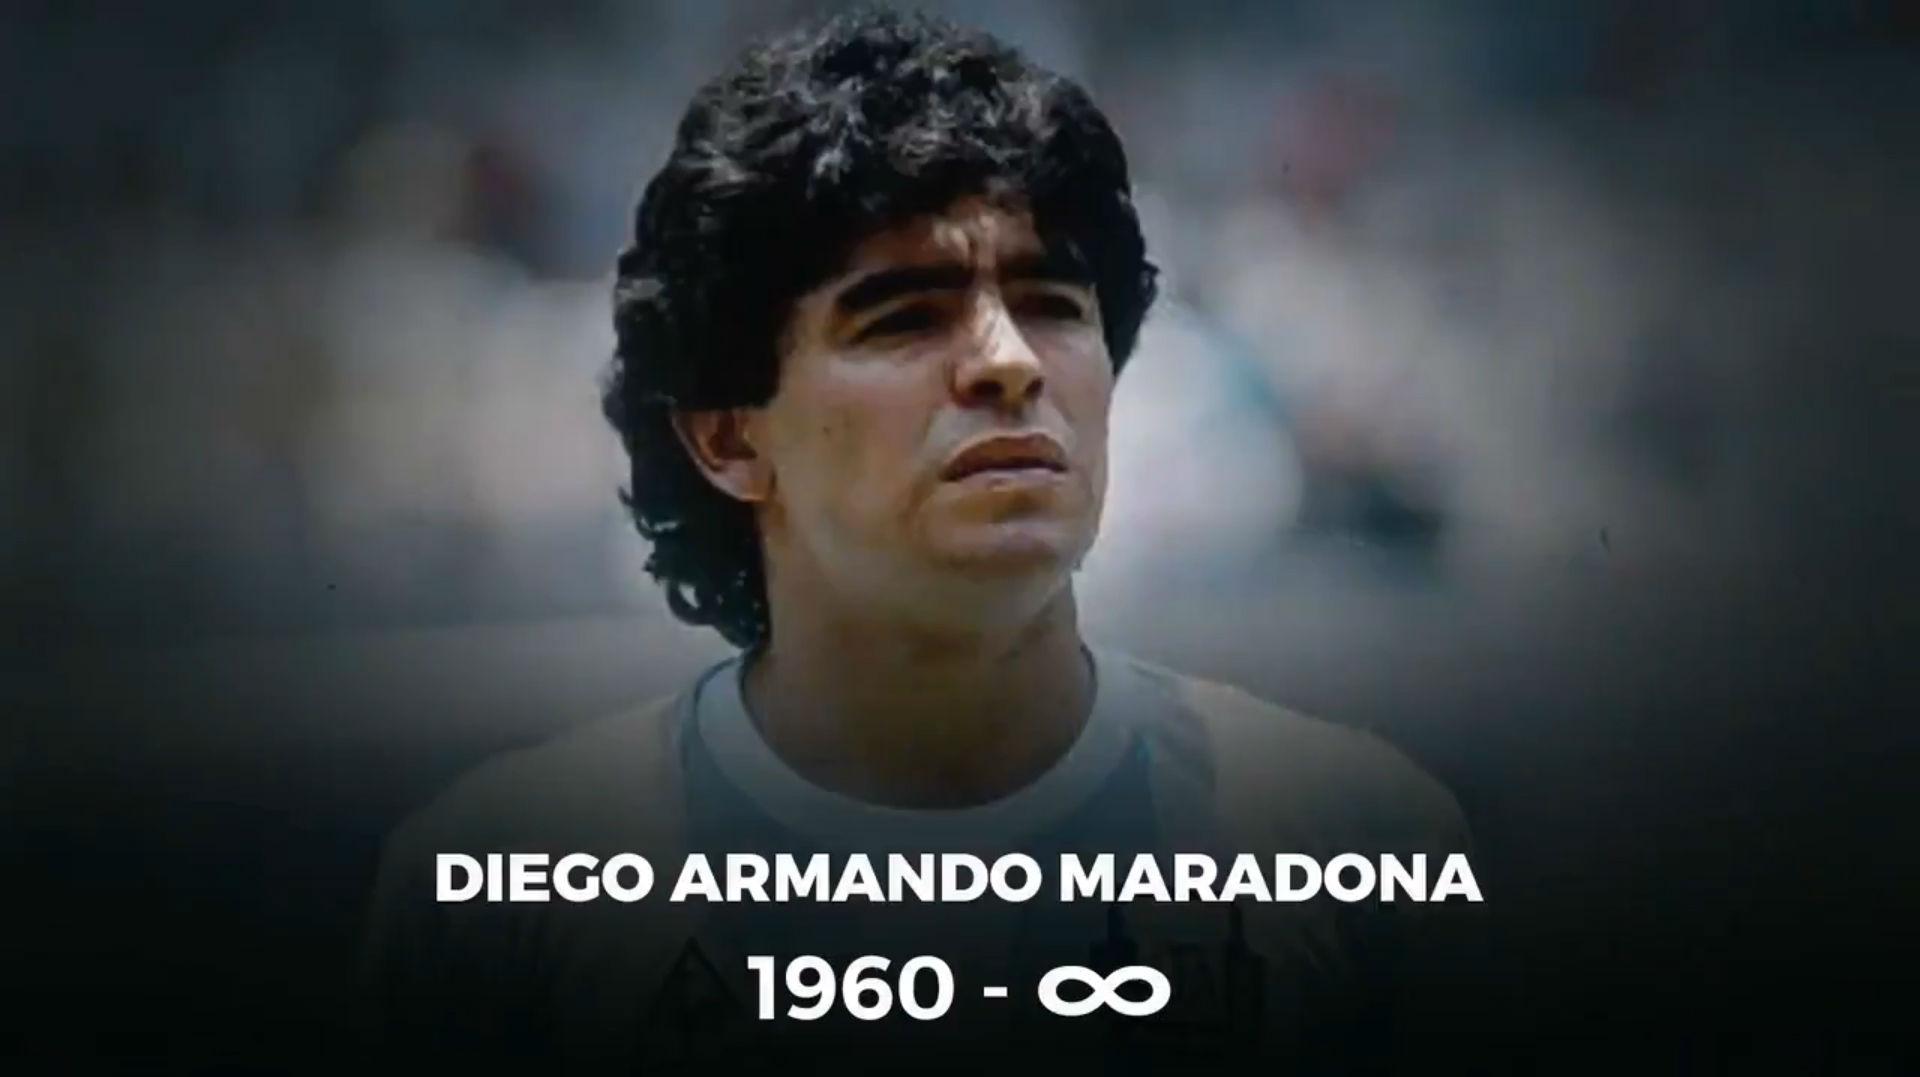 El Sport Club Internacional también rinde homenaje a Maradona